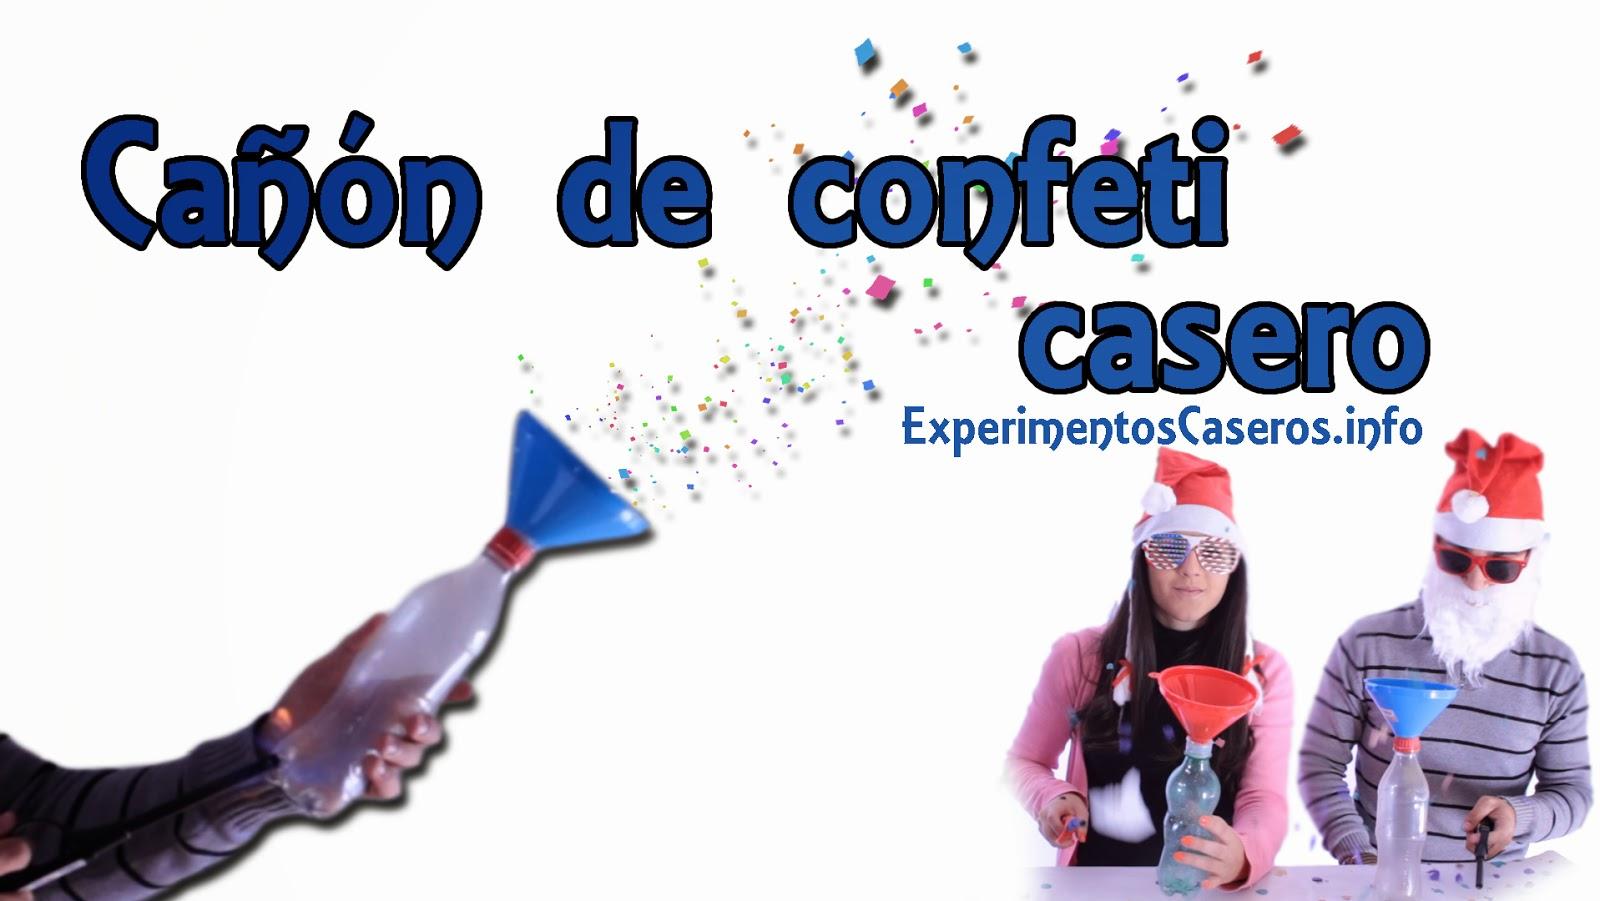 Ca n de confeti casero experimentos caseros ca n for Como hacer confeti